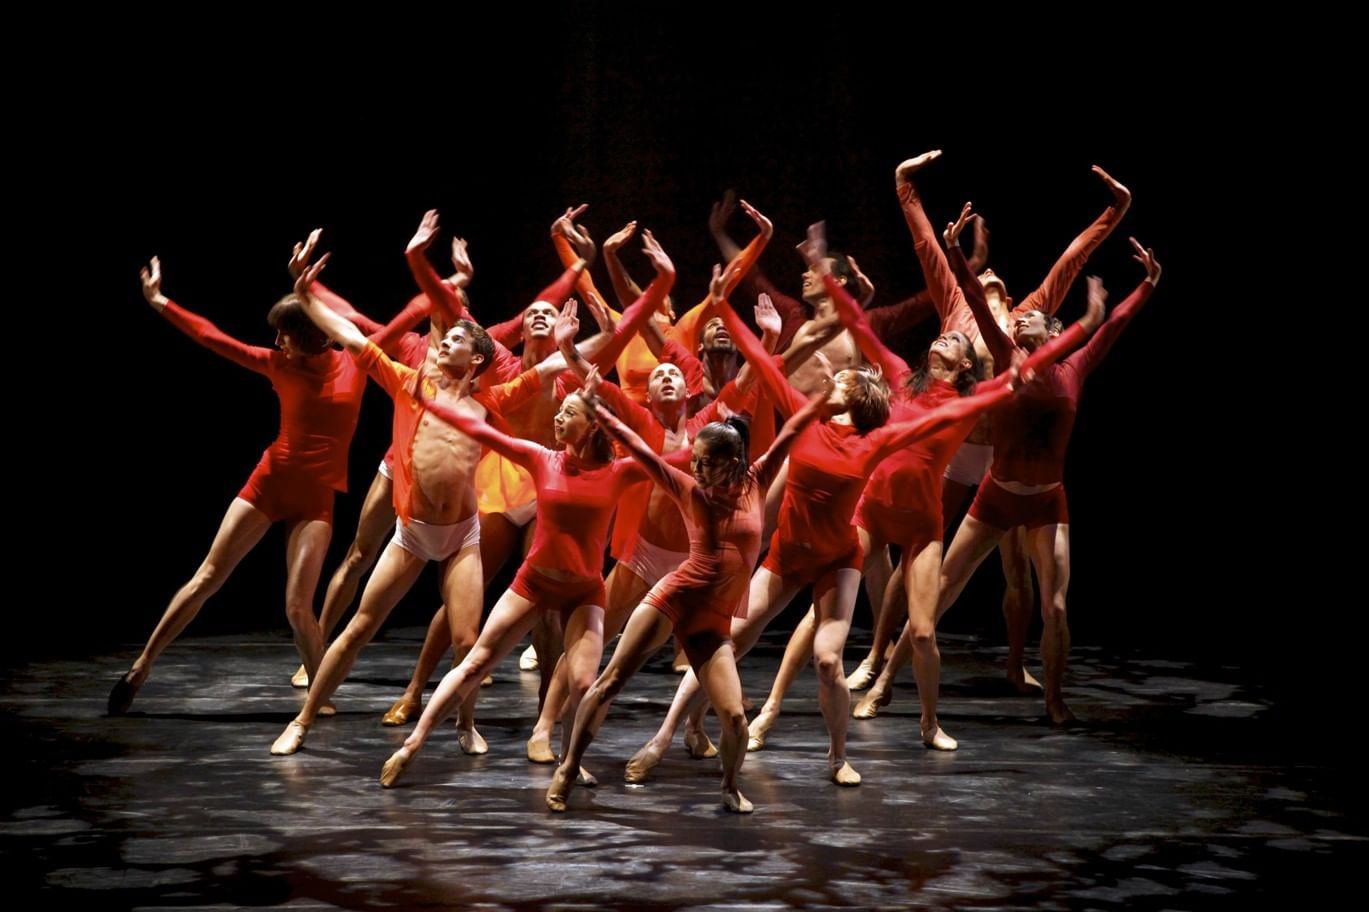 Фестиваль балета Open Dance начался в Санкт-Петербурге. Галерея 1